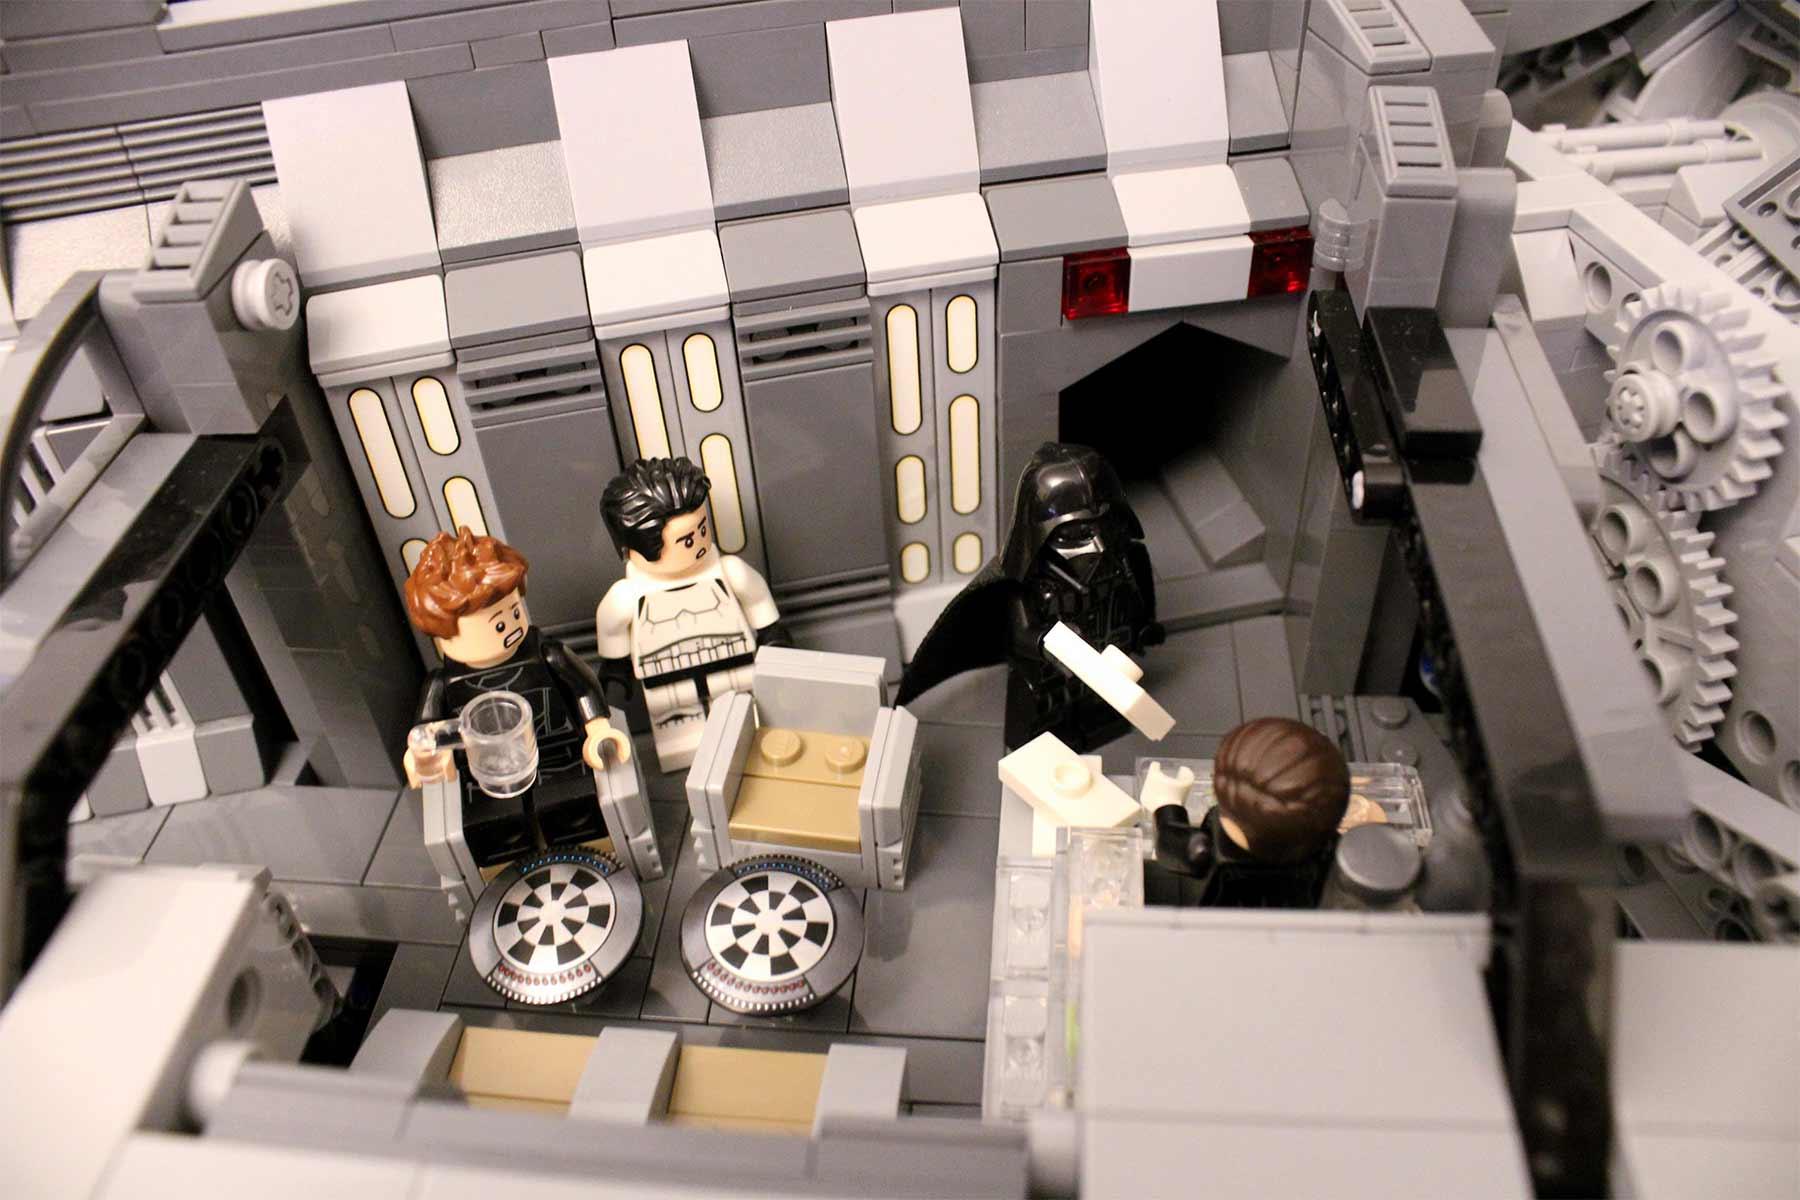 Gigantischer Sternzerstörer aus LEGO lego-sternzerstoerer-star-wars-riesig_06